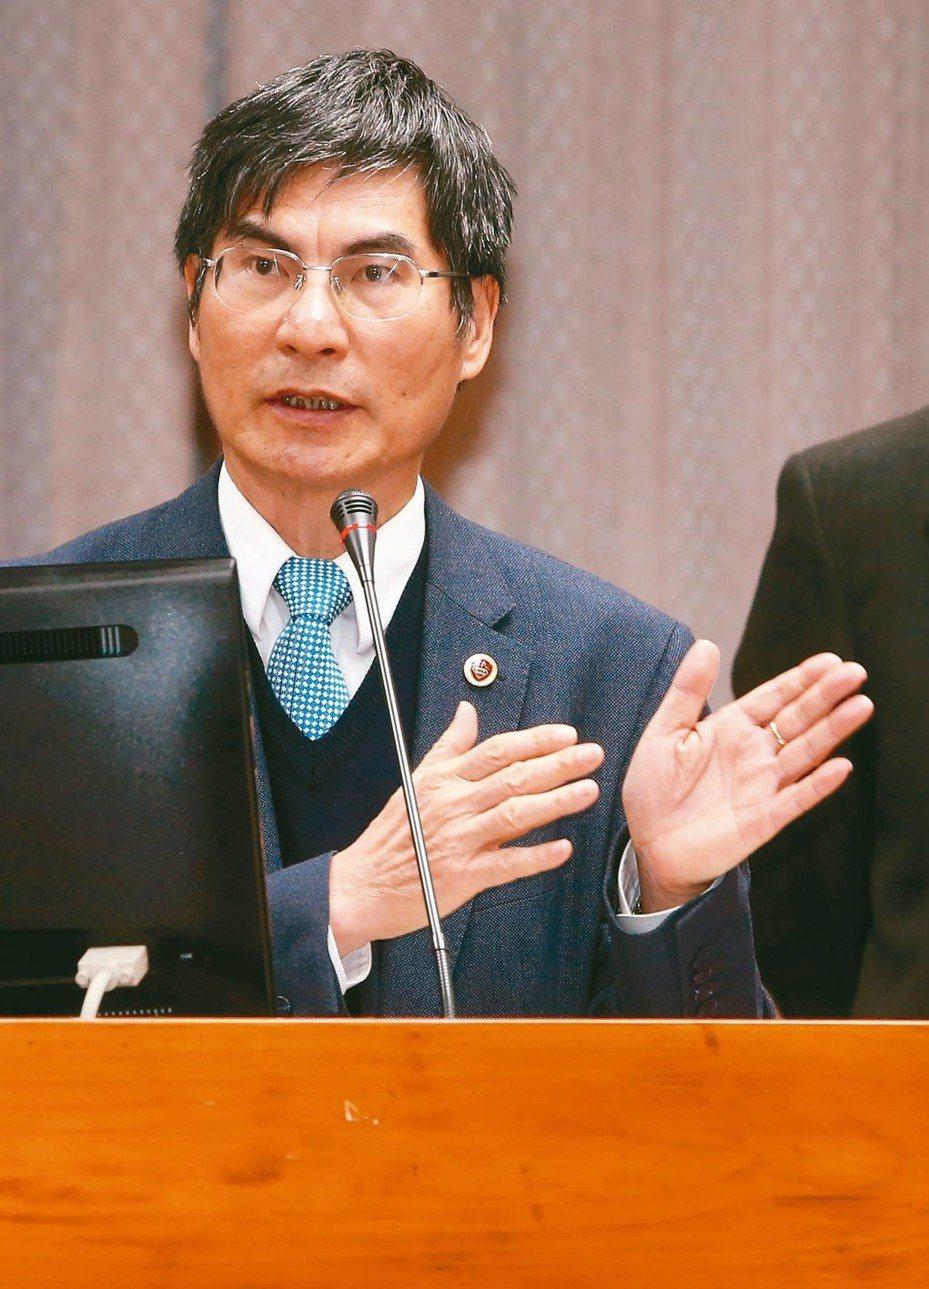 科技部長陳良基報告業務概況並備質詢,他說「台灣的低薪是結構性問題」。 記者胡經周/攝影